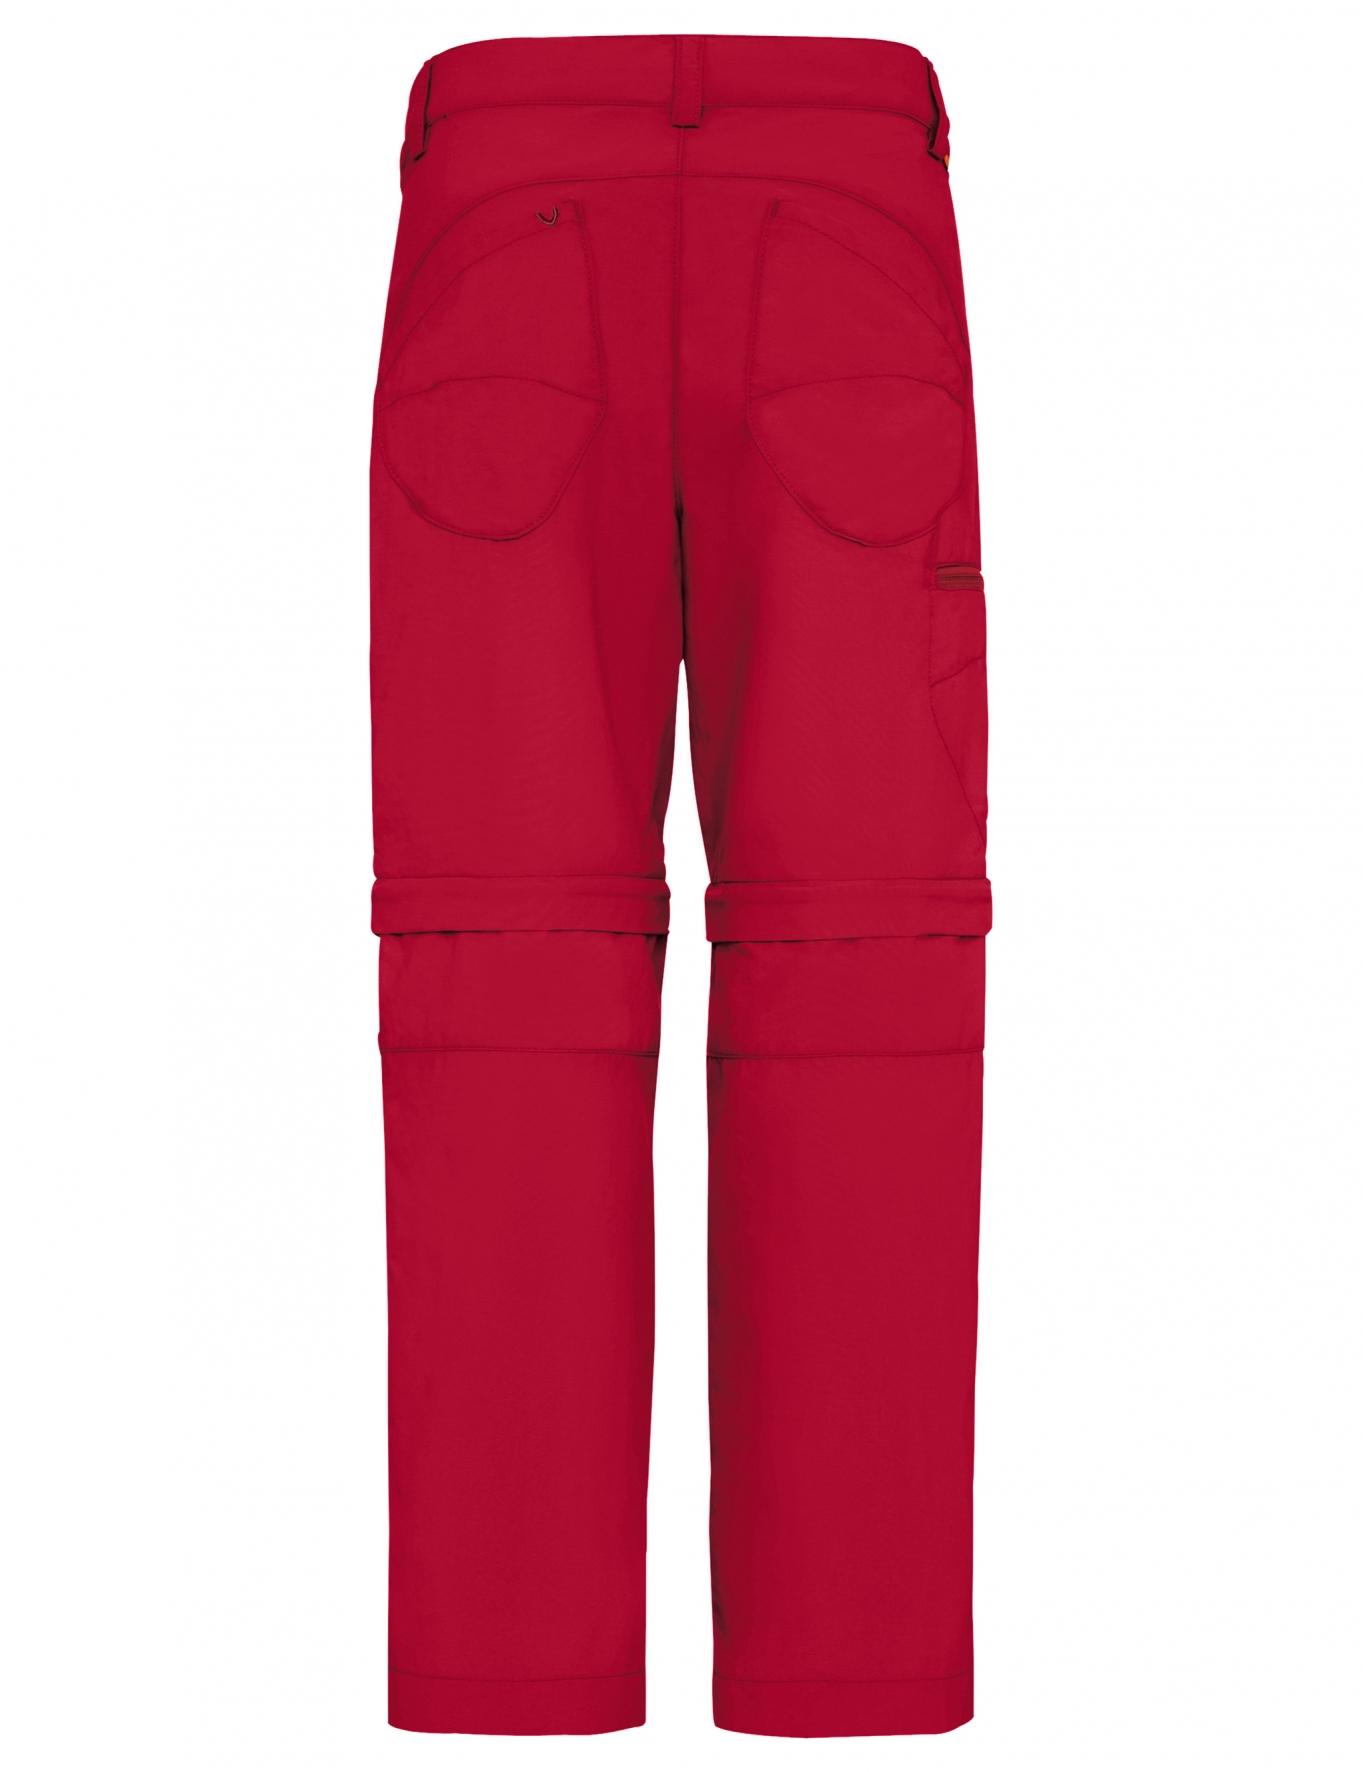 buy popular a48e2 adc1a Details zu VAUDE Kids Detective ZO Pants (05058) VERSCH. FARBEN Hose für  Kinder